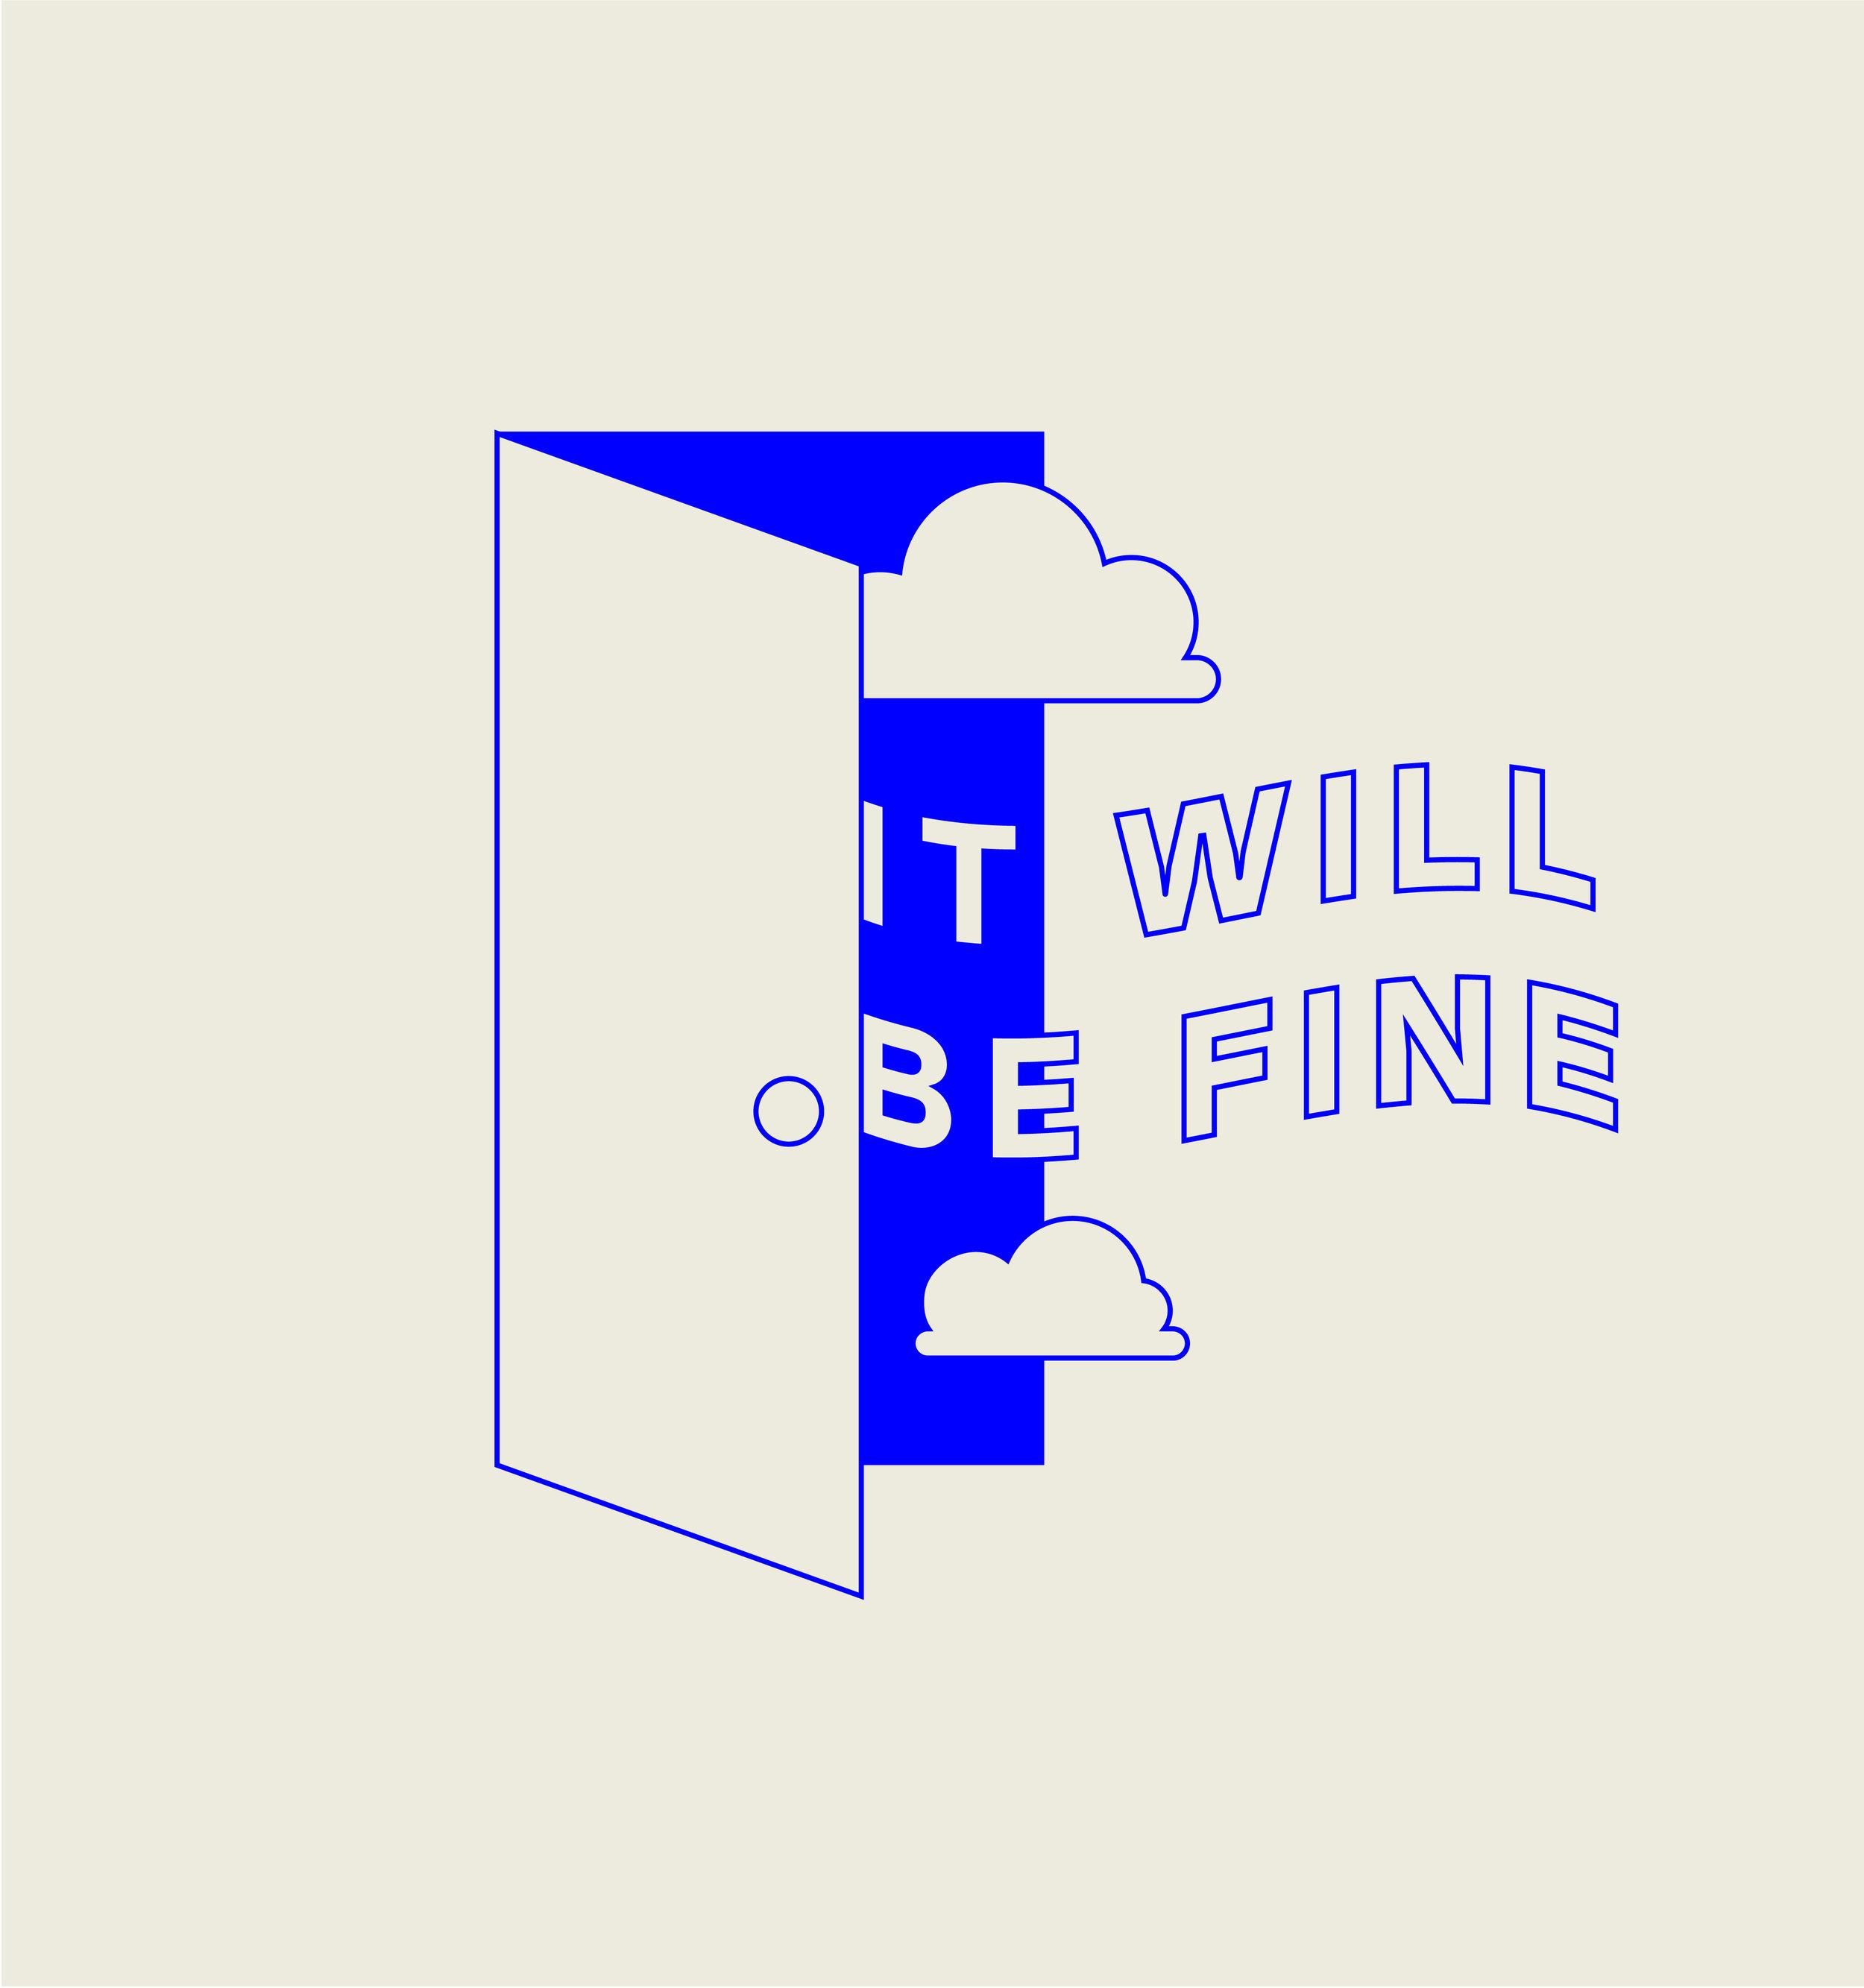 itsfine-07.jpg